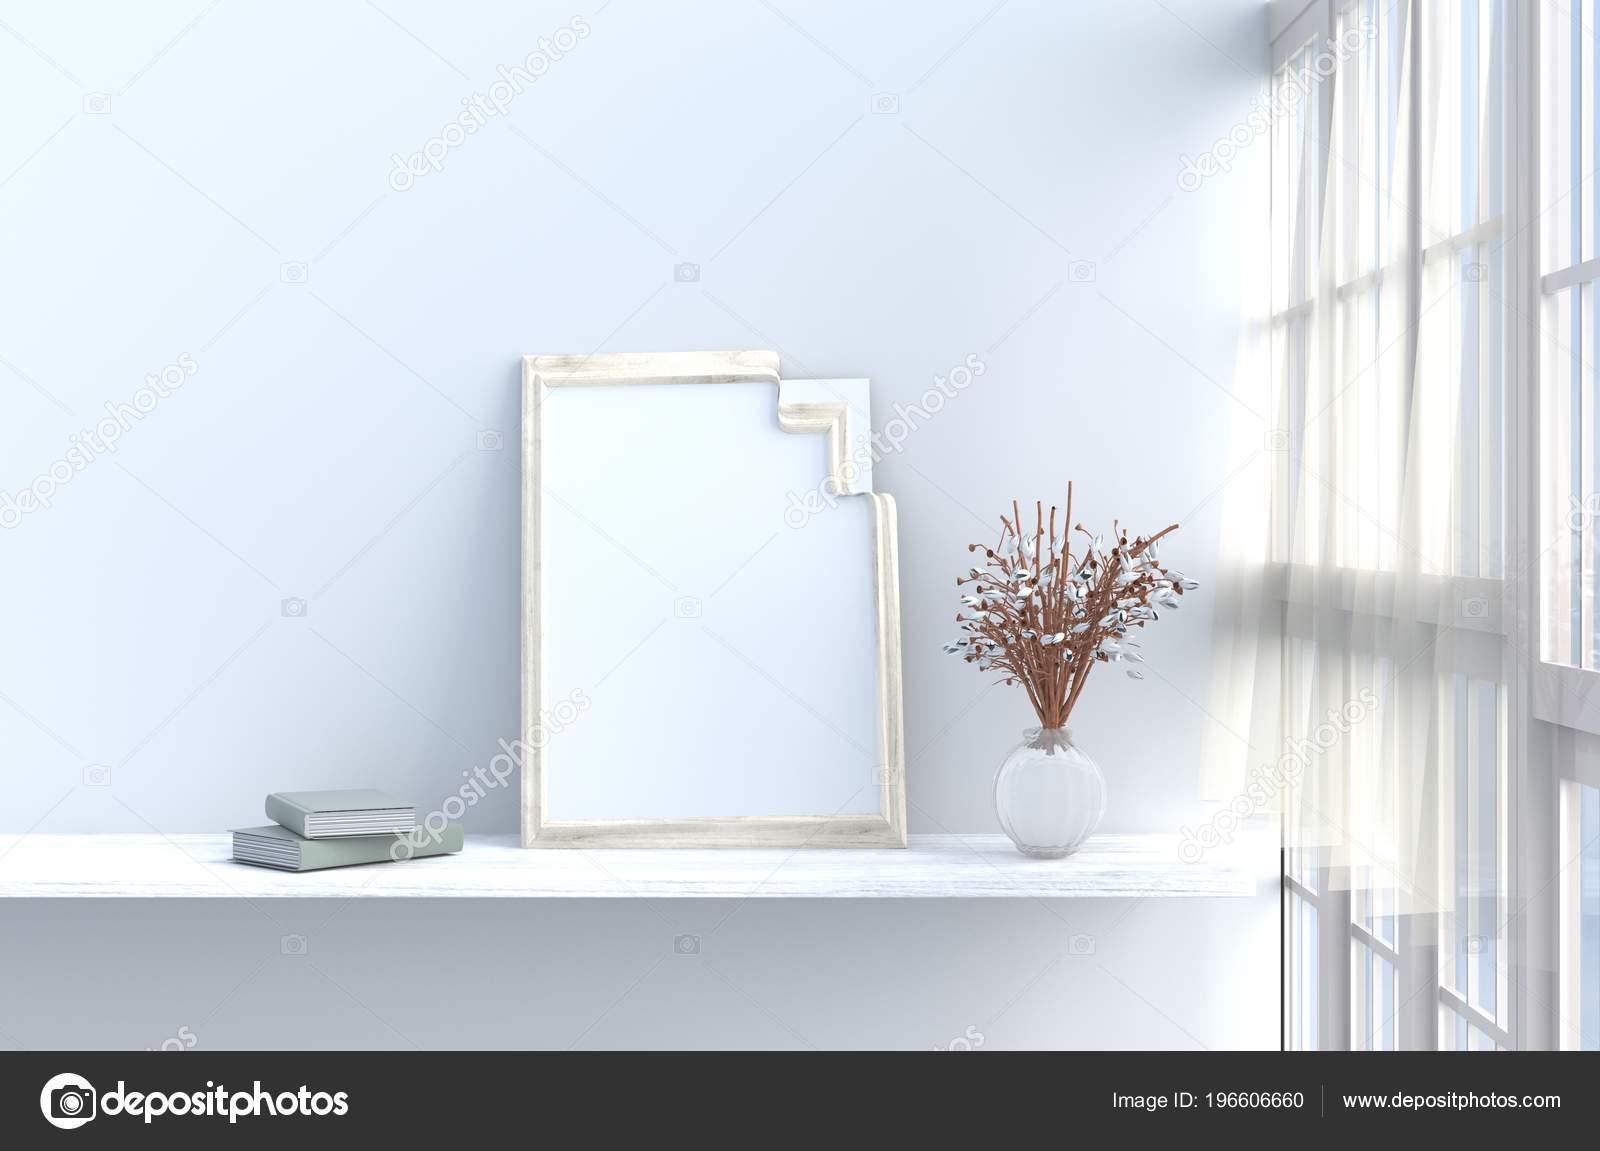 Grau Weiß Wohnzimmer Dekor Mit Weißen Holz Wand Fenster ...